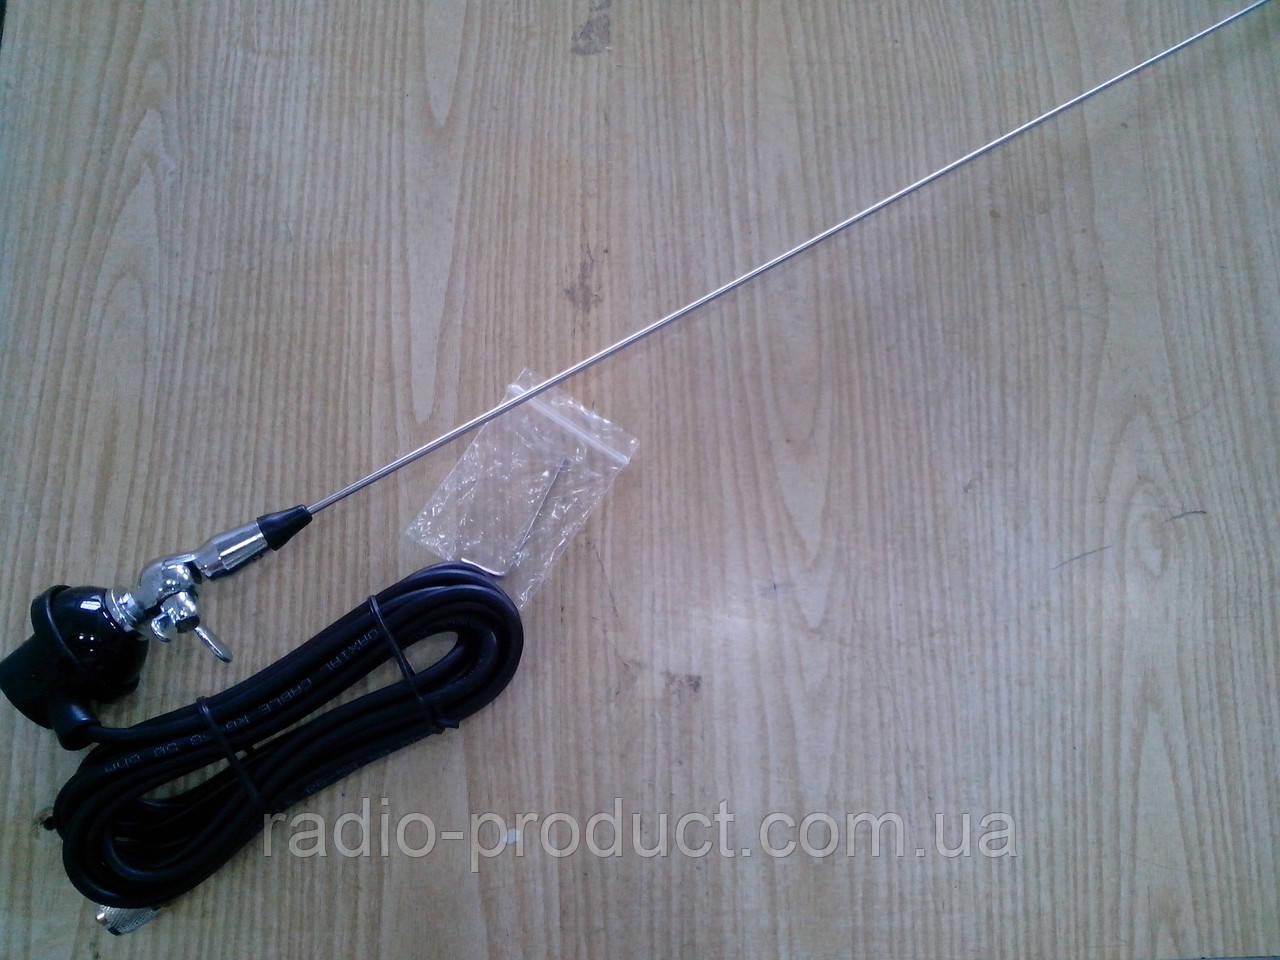 Lemm AT-28, VHF автомобильная антенна